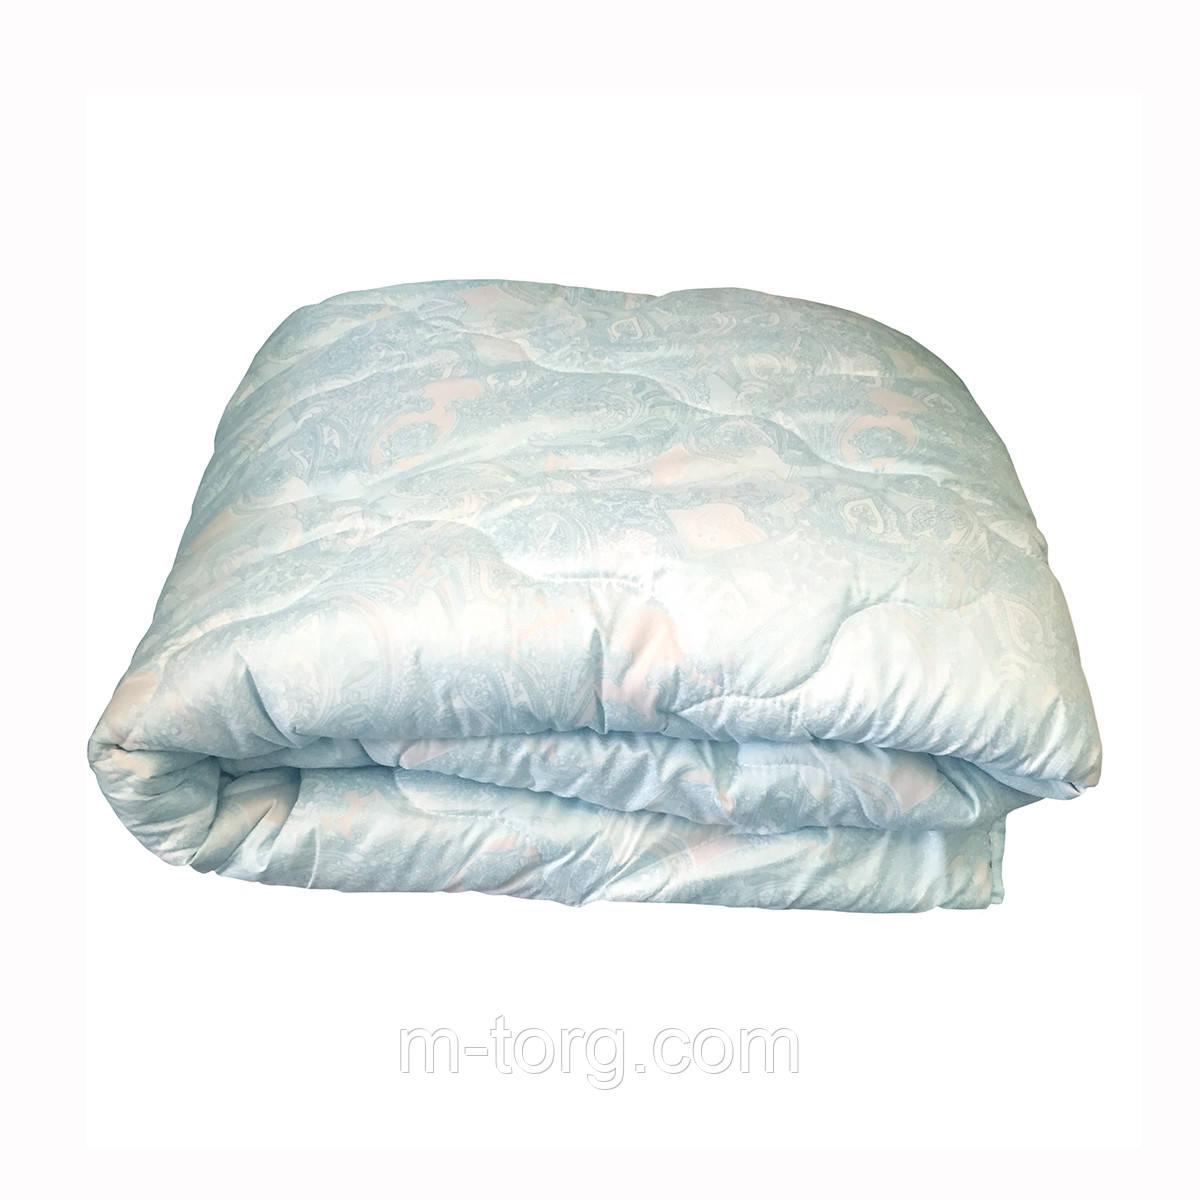 Одеяло двуспальное 180*210 с льняным наполнителем,ткань микрофибра